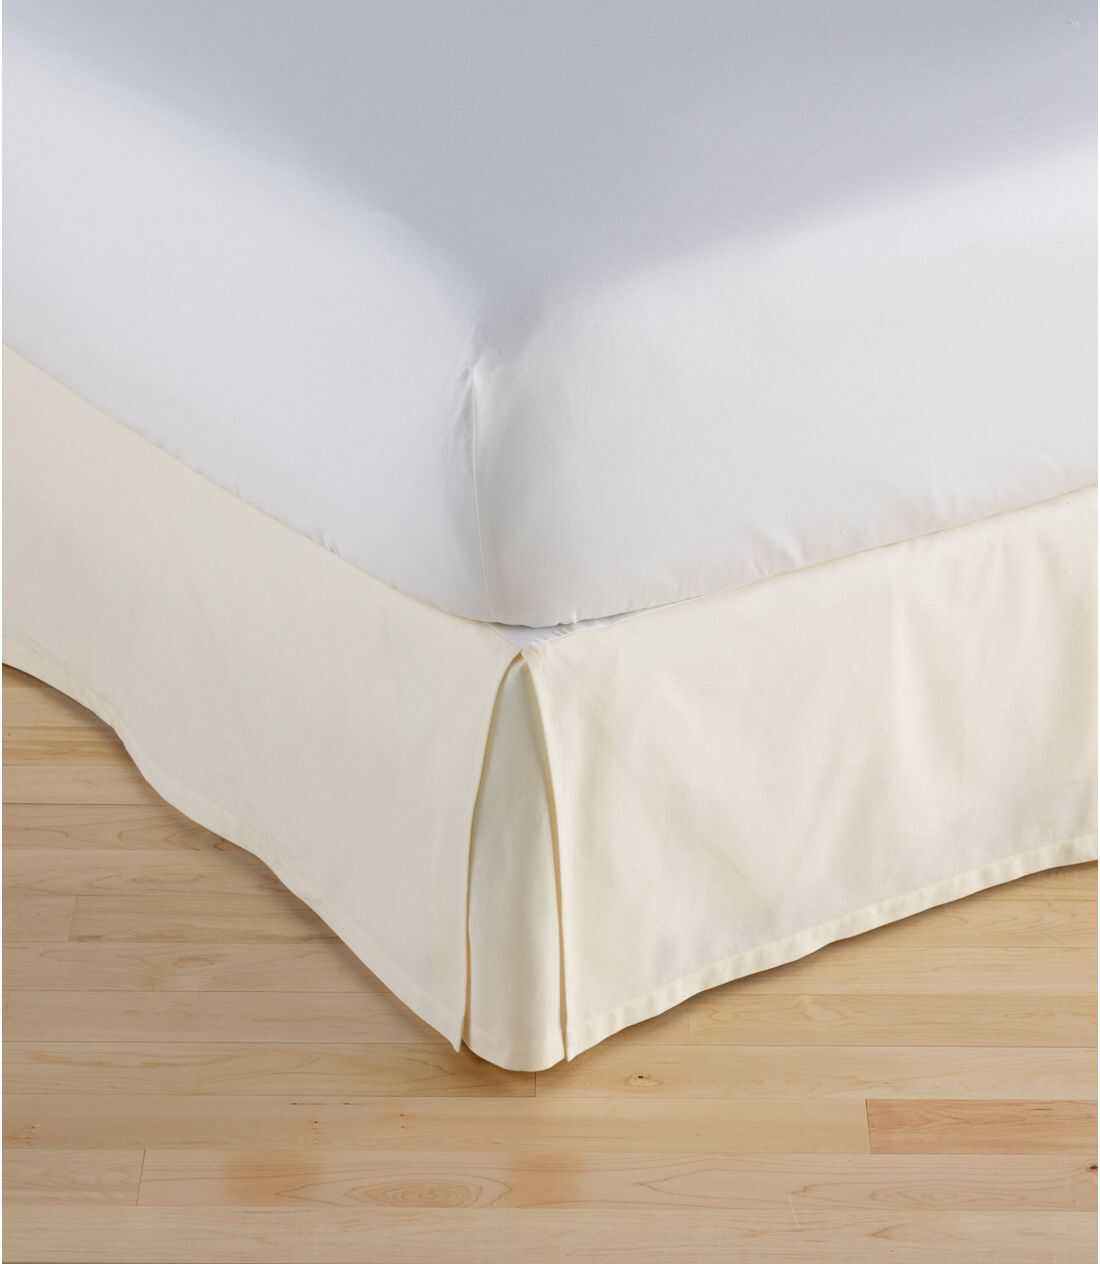 ボックス・プリーツ・ベッド・スカート